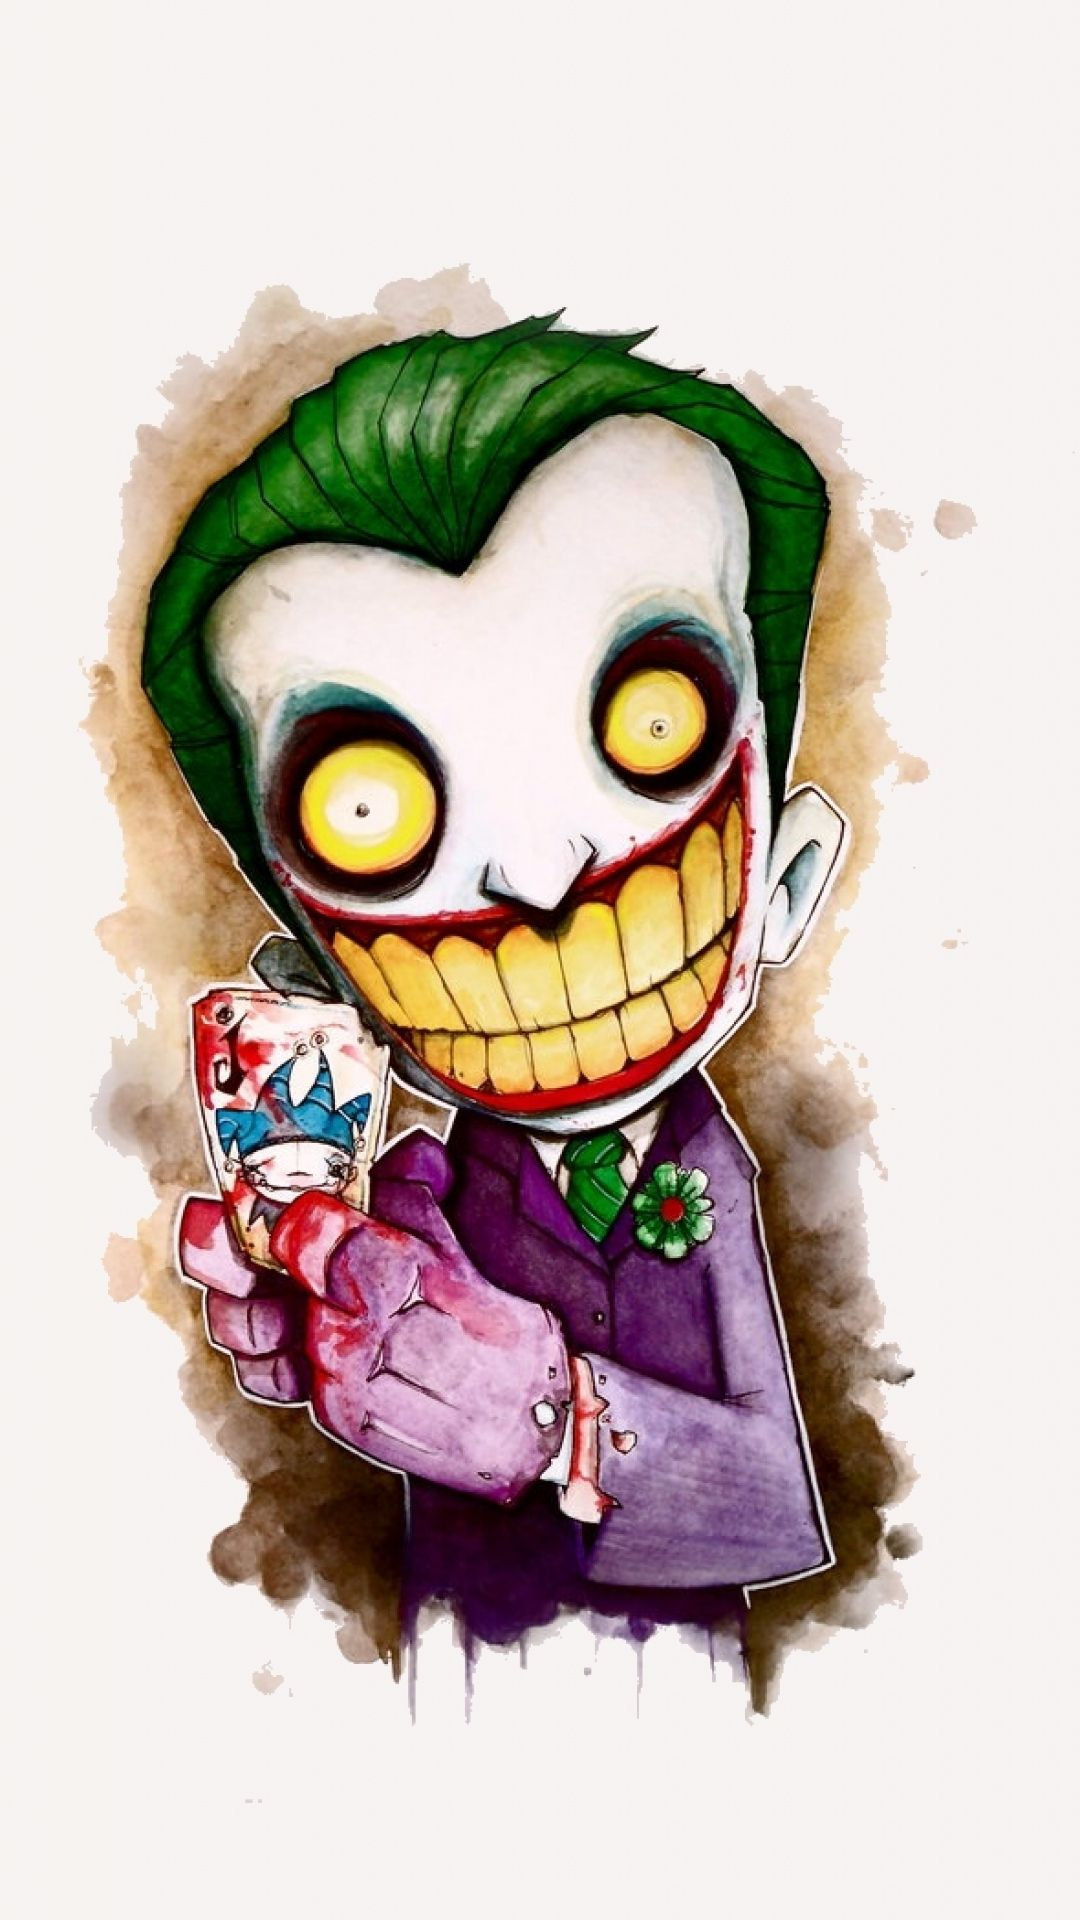 55 Best Free Joker Iphone Wallpapers Wallpaperaccess